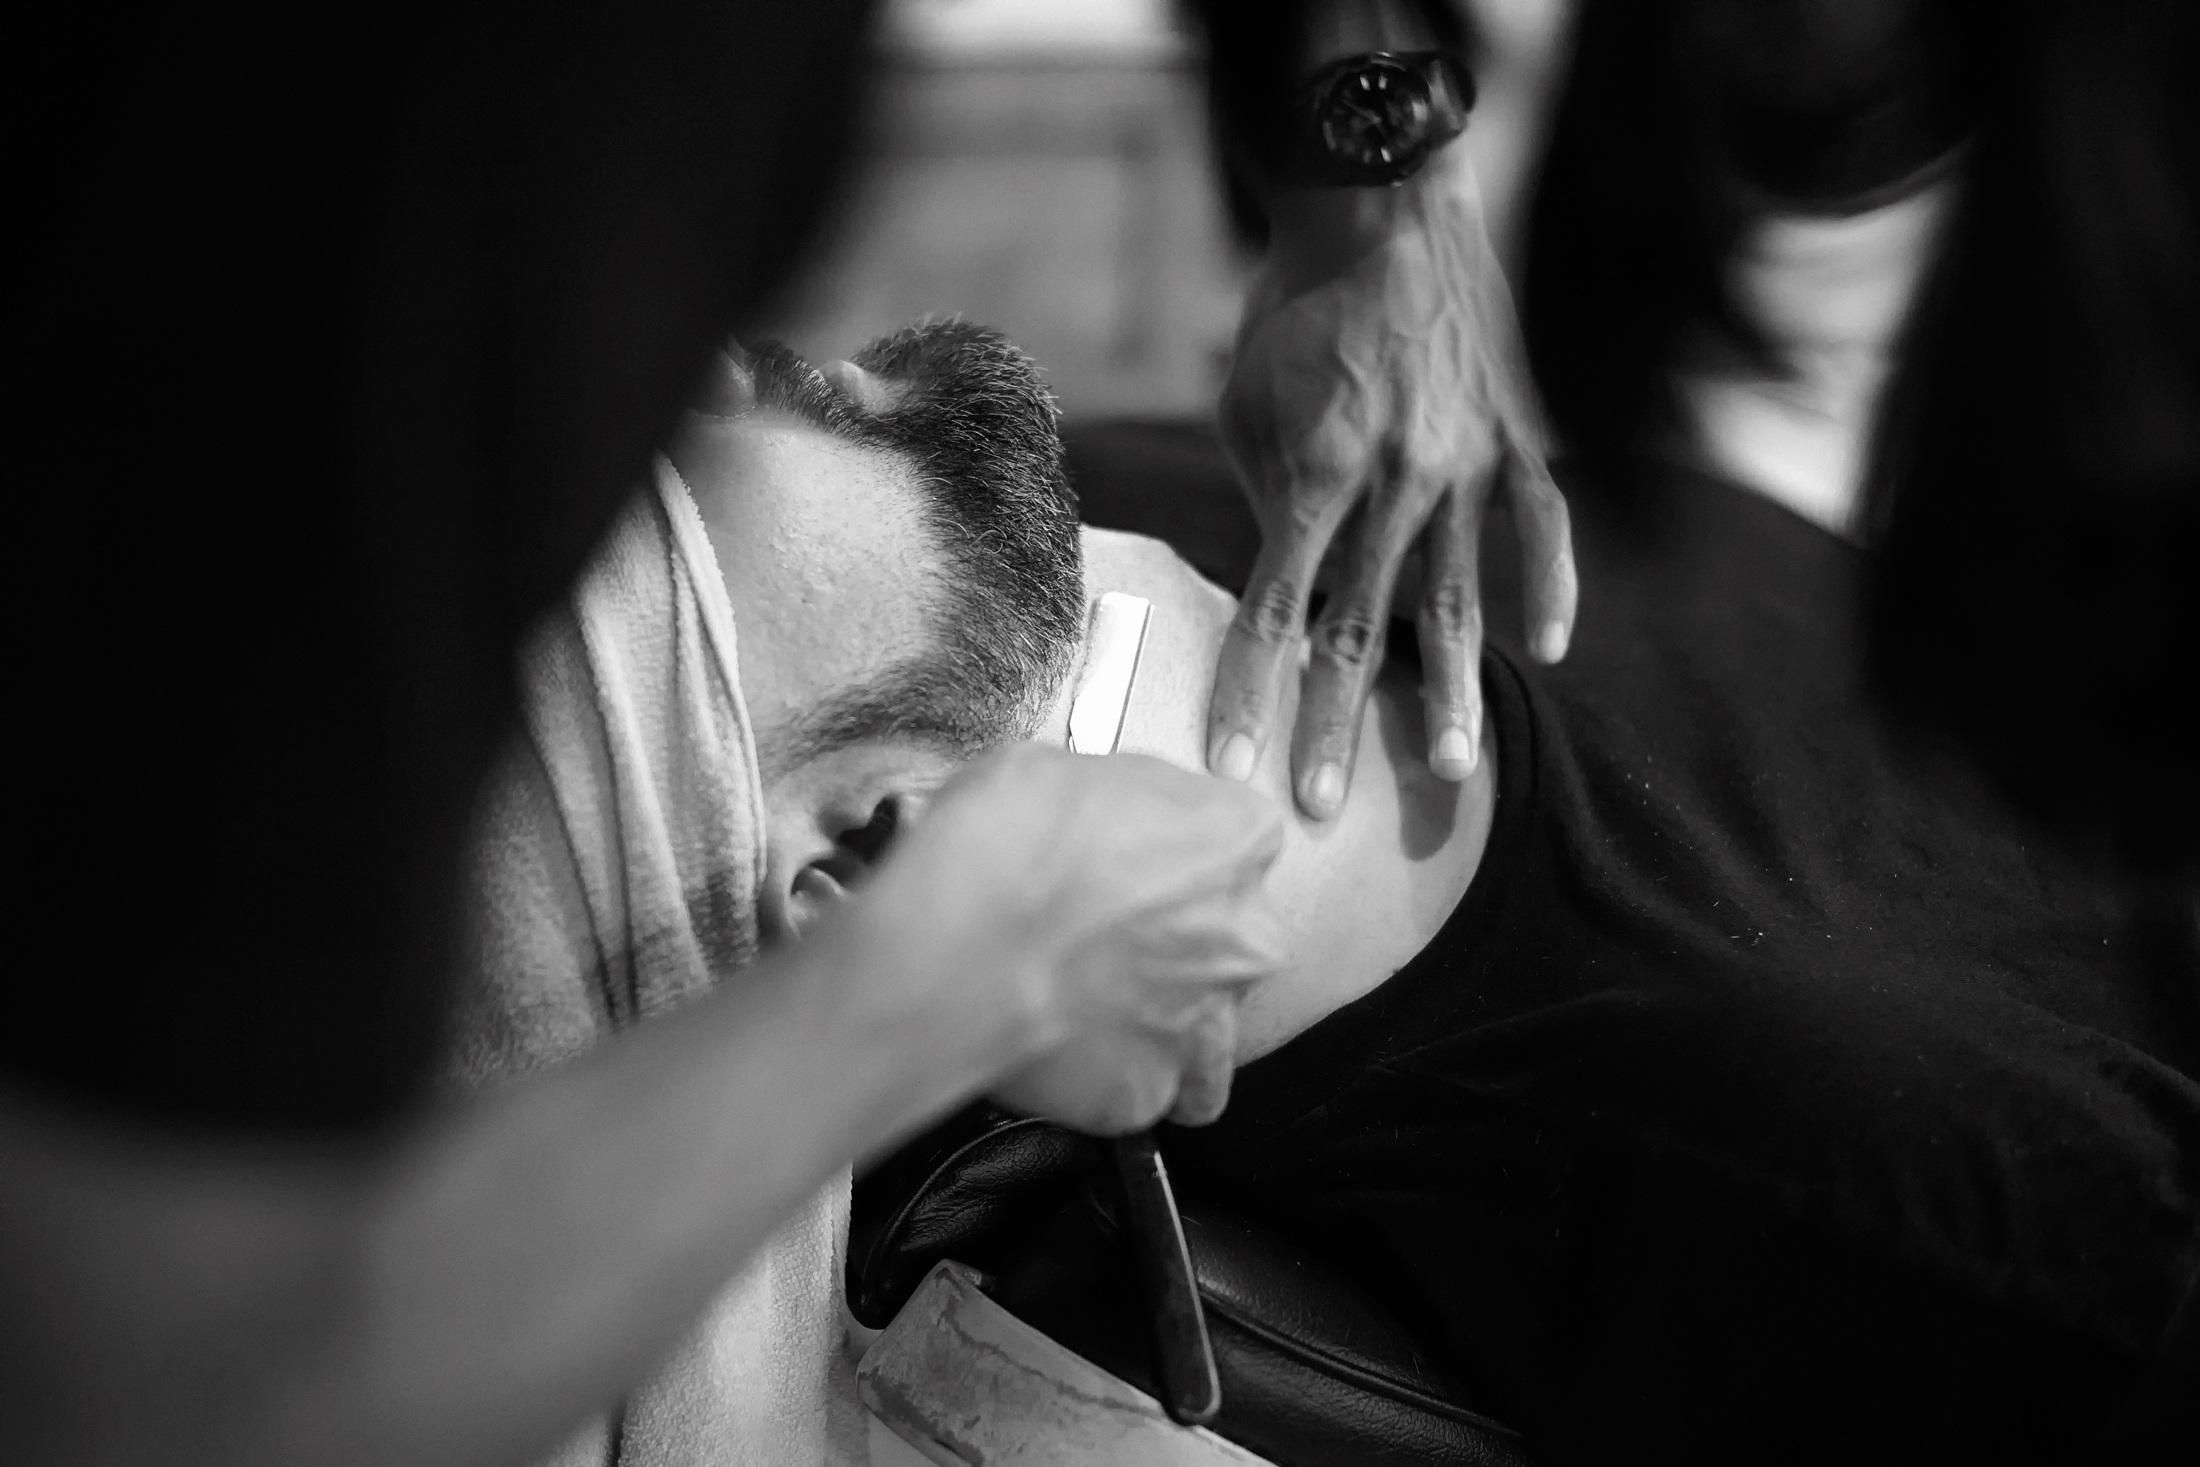 Barbershop Black And White Barber Shave Shaving